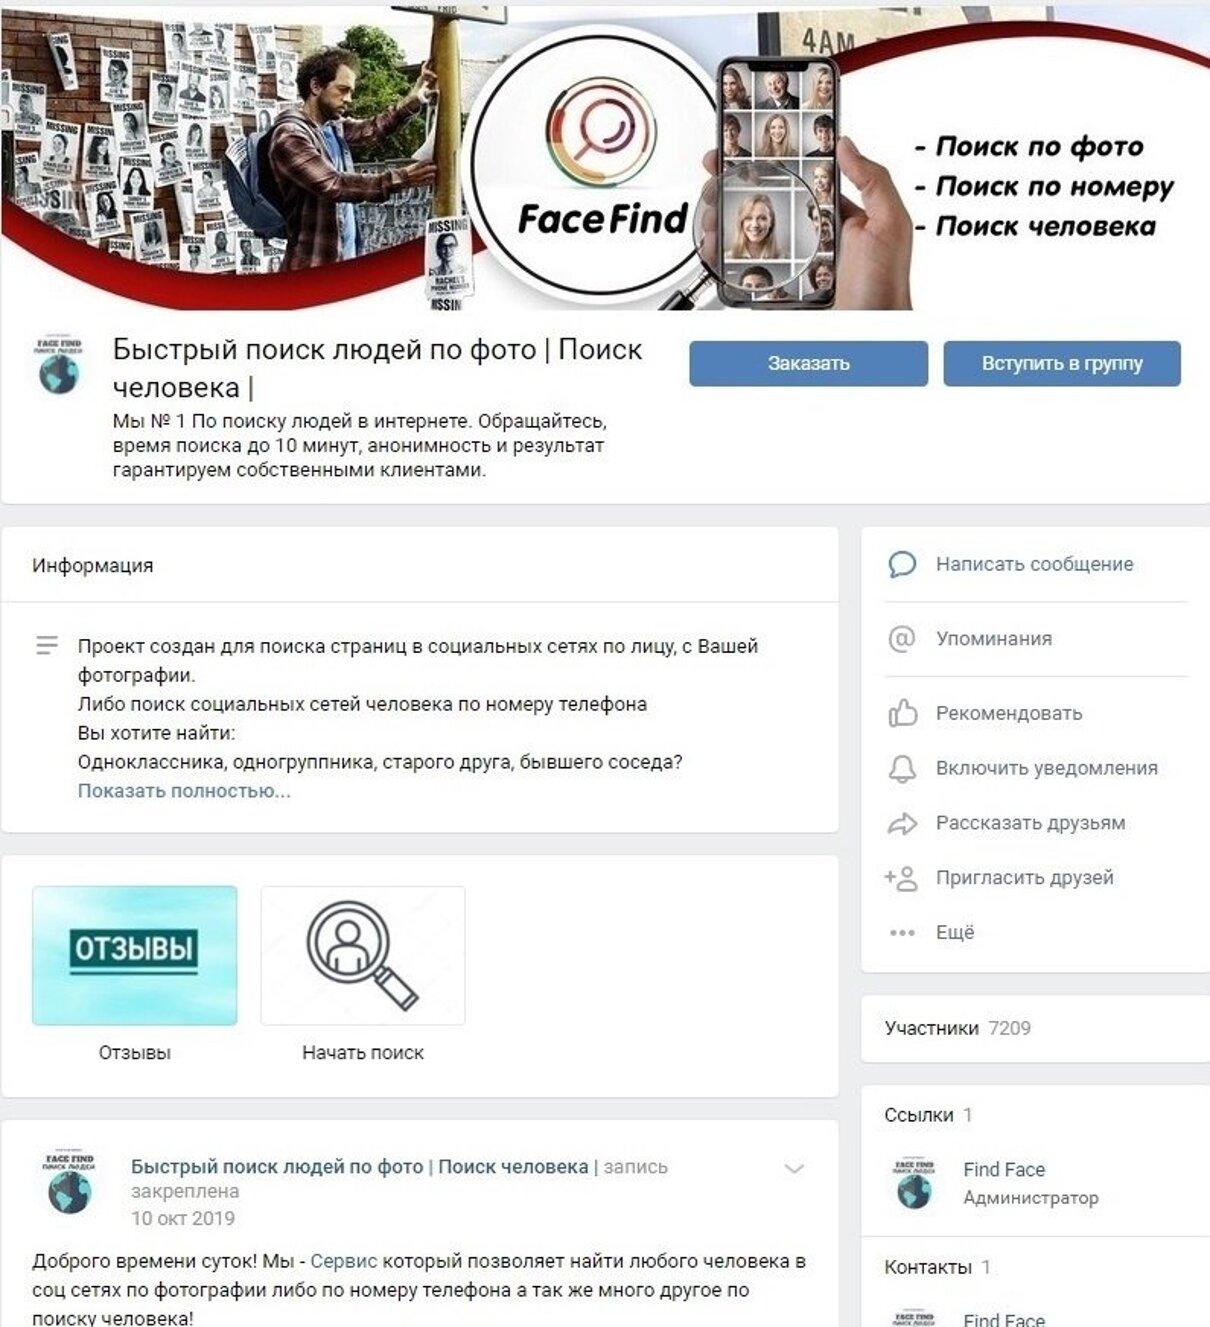 Жалоба-отзыв: Группа в социальных сетях - Find Face (Face Find) - поиск людей - МОШЕННИКИ FACE FIND (Find Face) в контакте и Фейсбуке - пользуясь известным брендом входят в доверие и кидают клиентов на деньги.  Фото №1